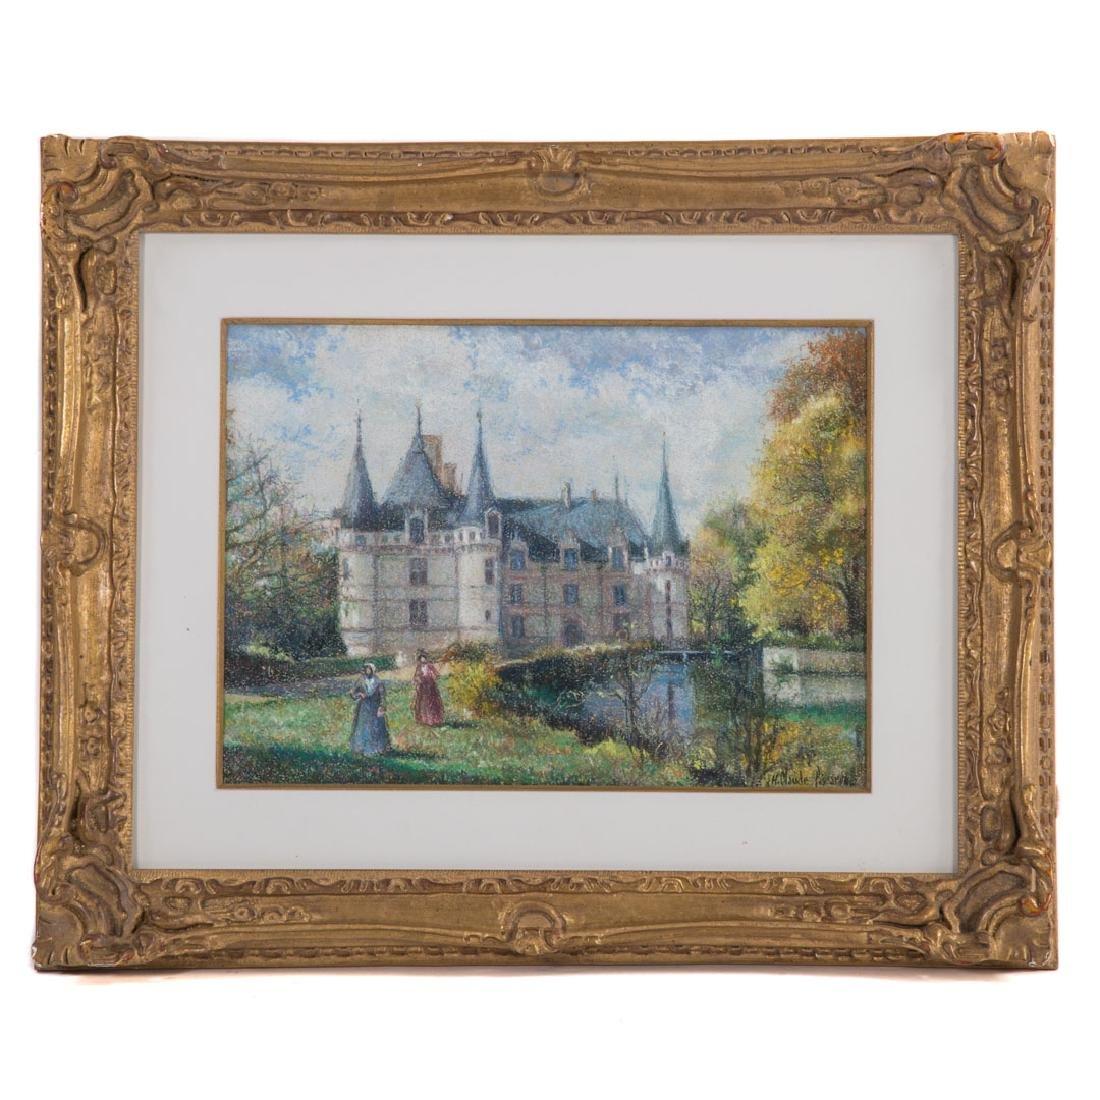 Hugues Claude Pissarro. Chateau w/ Figures, pastel